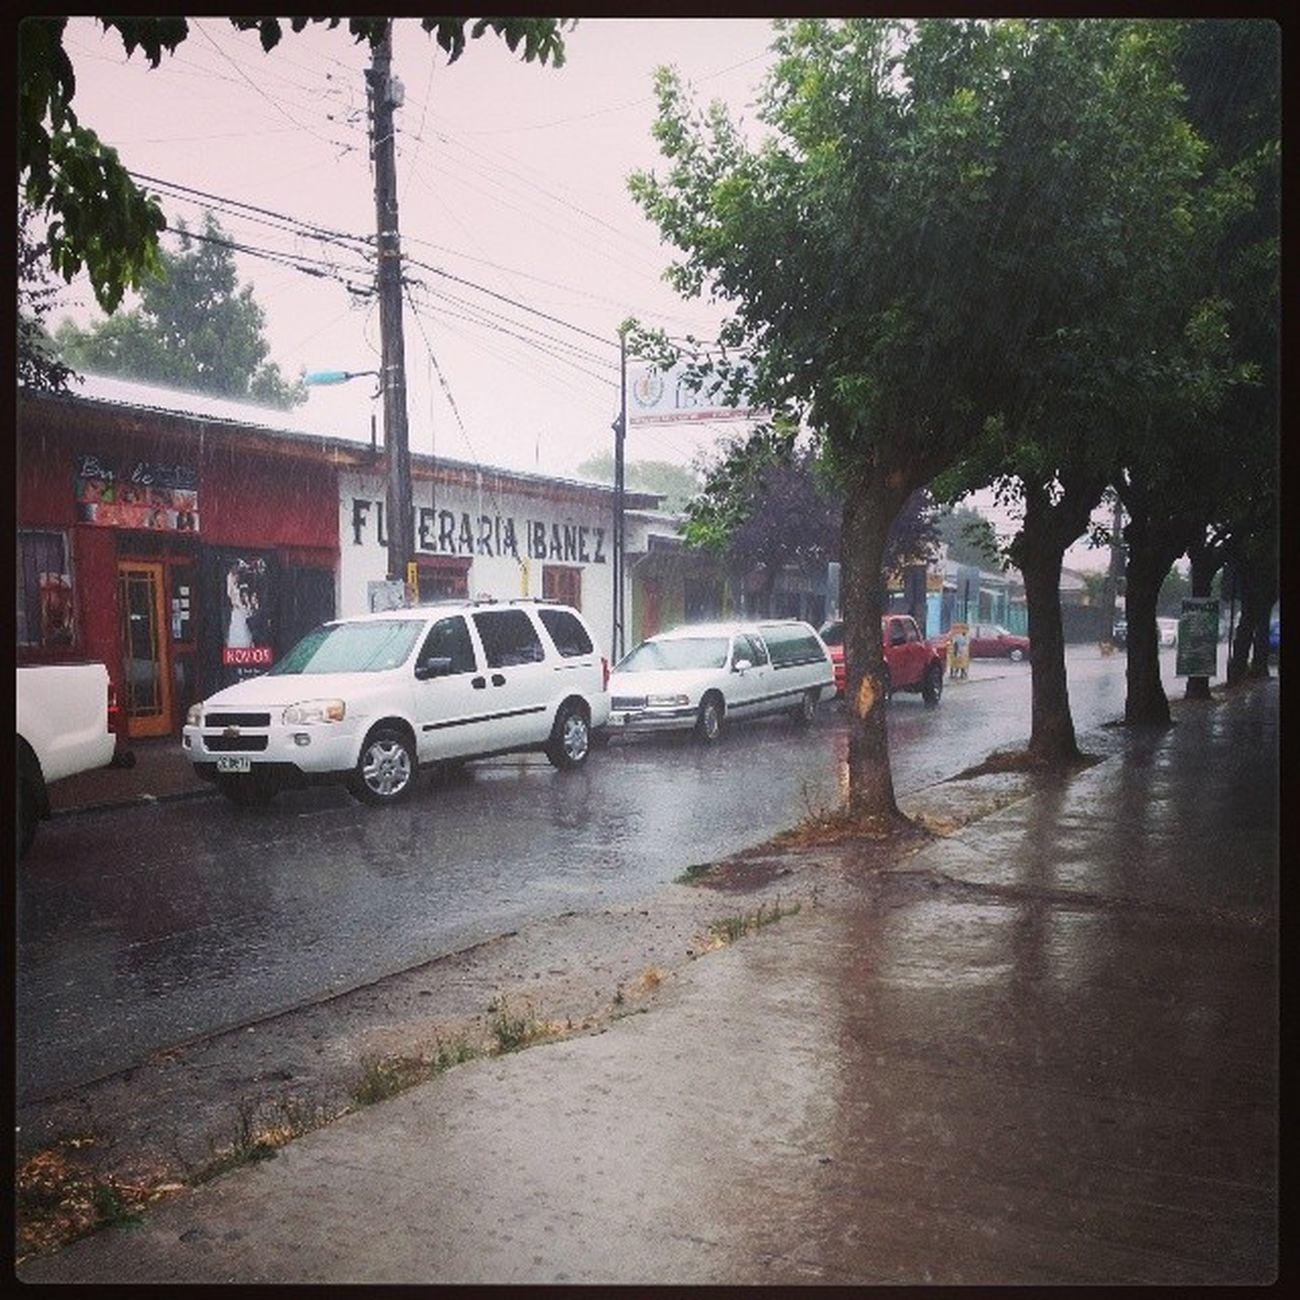 Como llueve :( y con la javi andamos con calzas y polera Campeonato De Duplas Voley todasmojadas:(